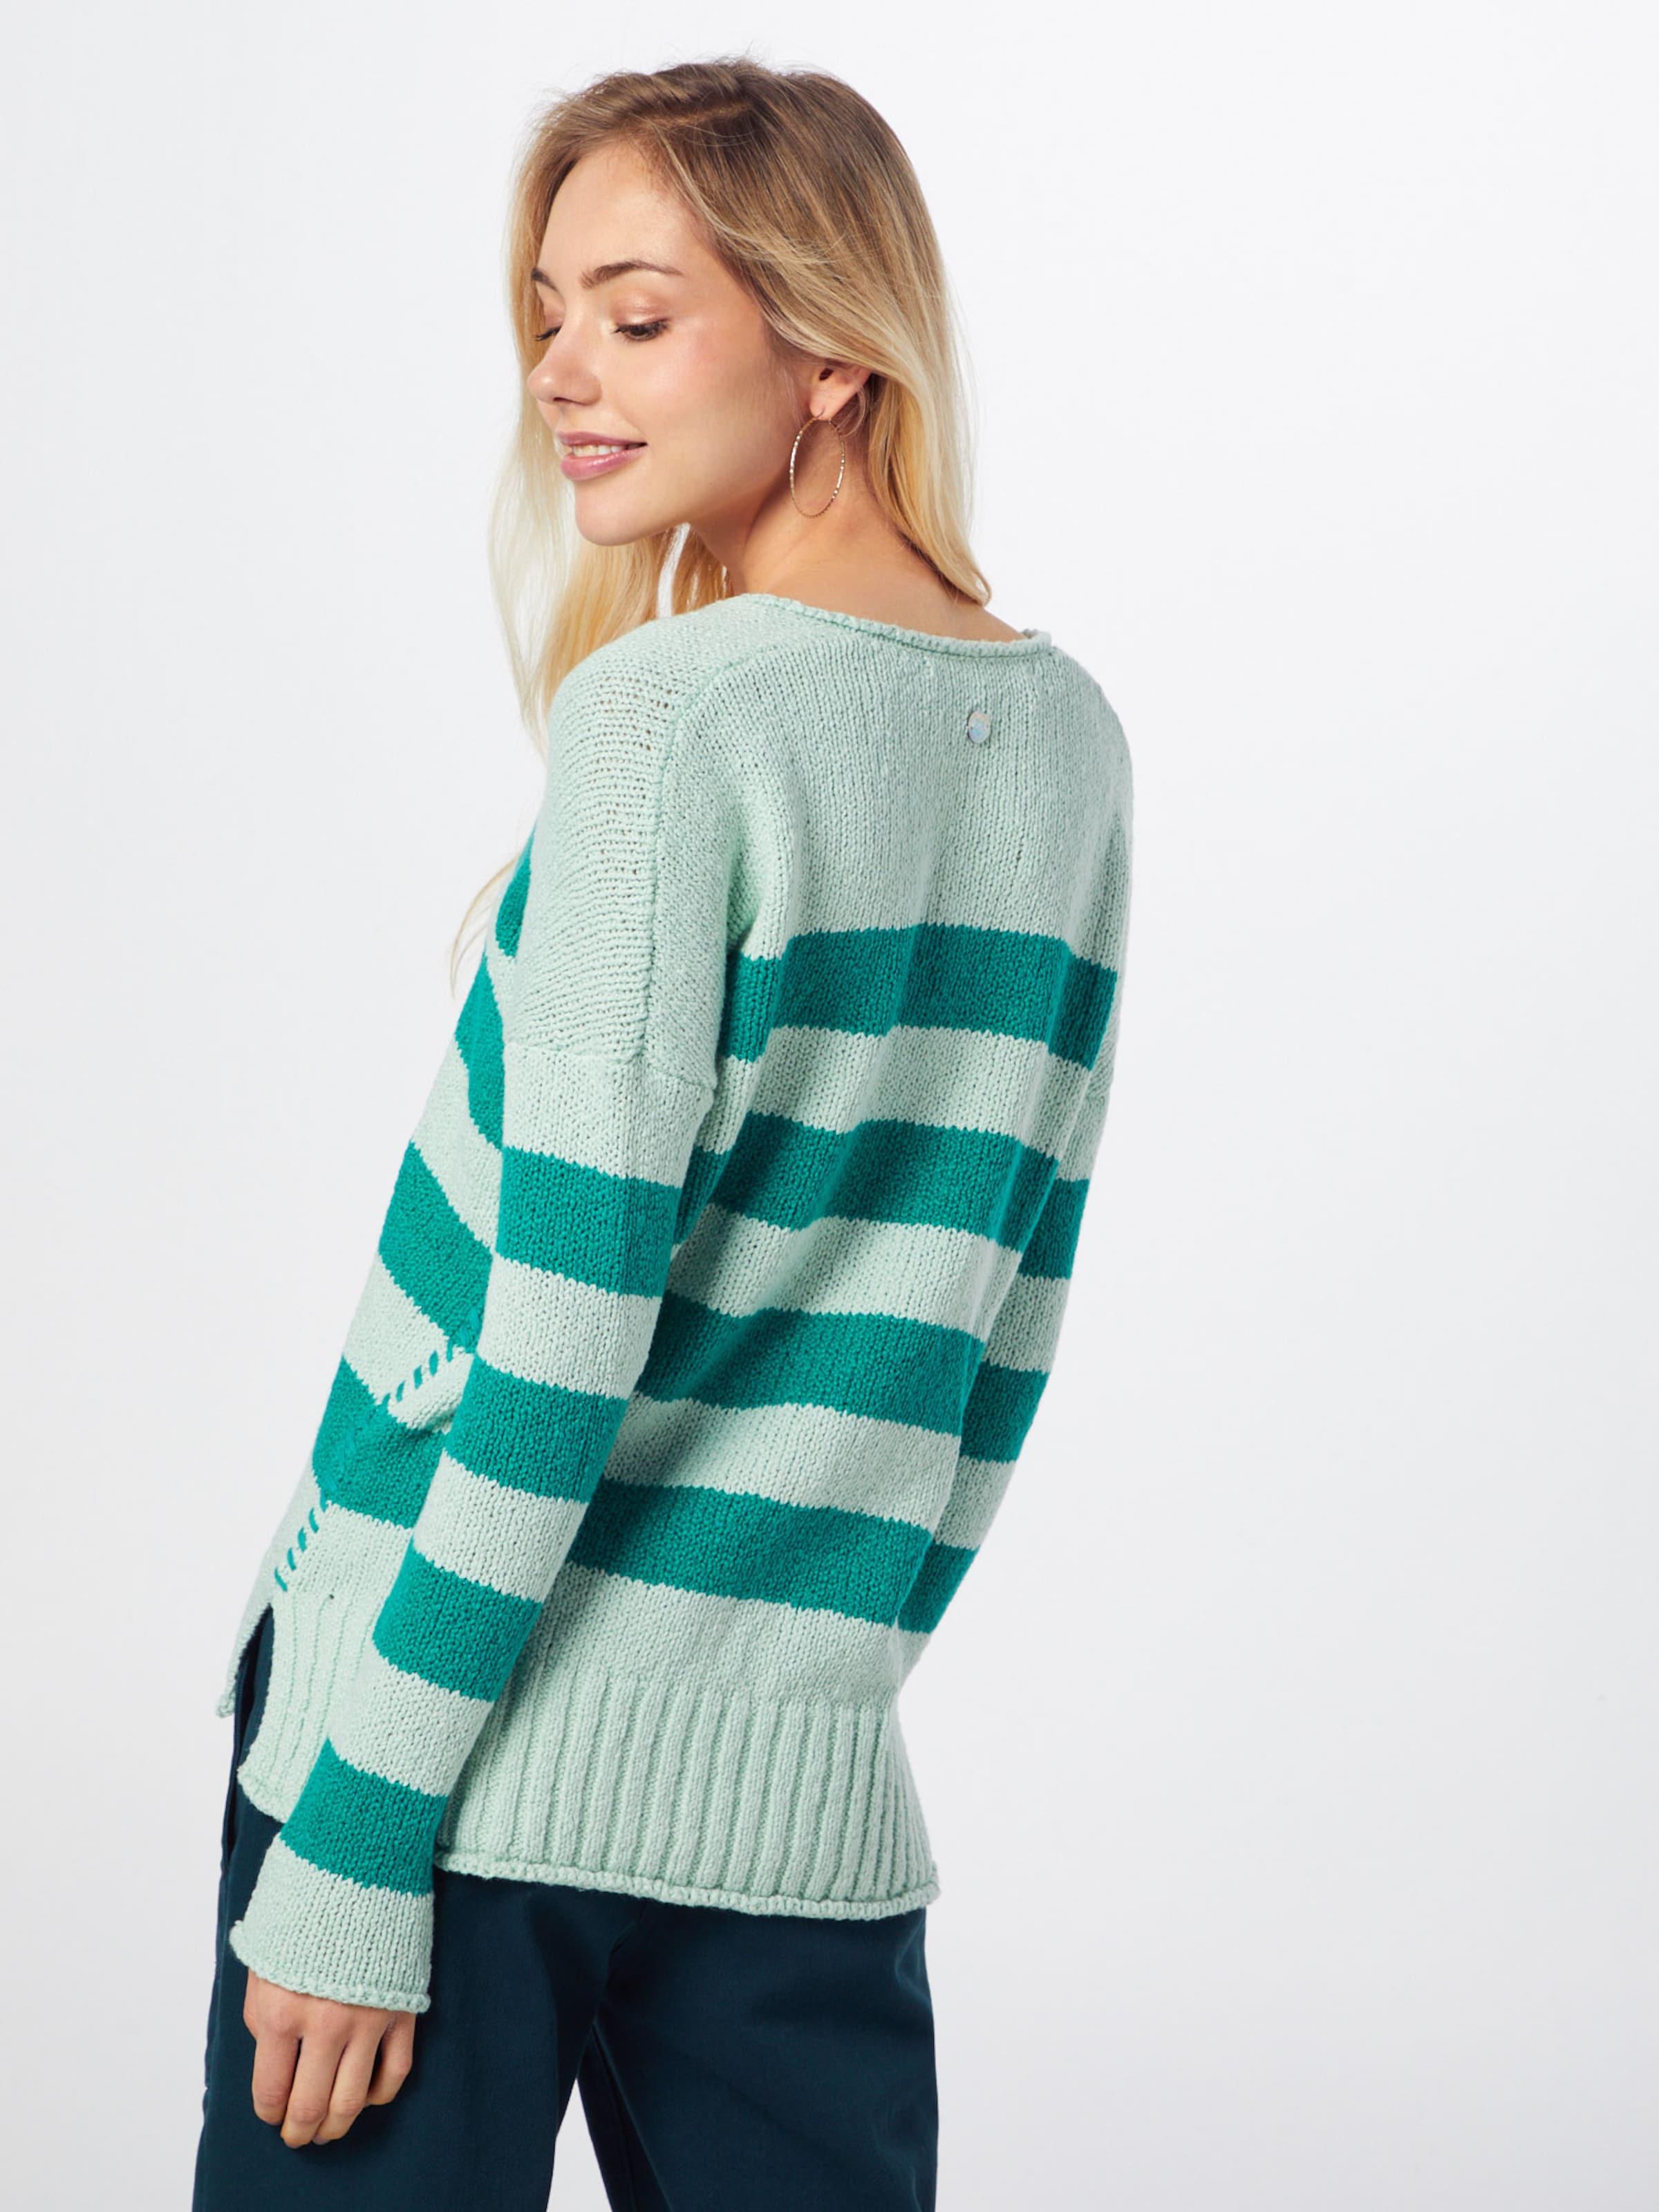 Pullover Pullover Lieblingsstck 'lamial' MintDunkelgrn Pullover In 'lamial' In 'lamial' Lieblingsstck Lieblingsstck MintDunkelgrn In hdtsrQ